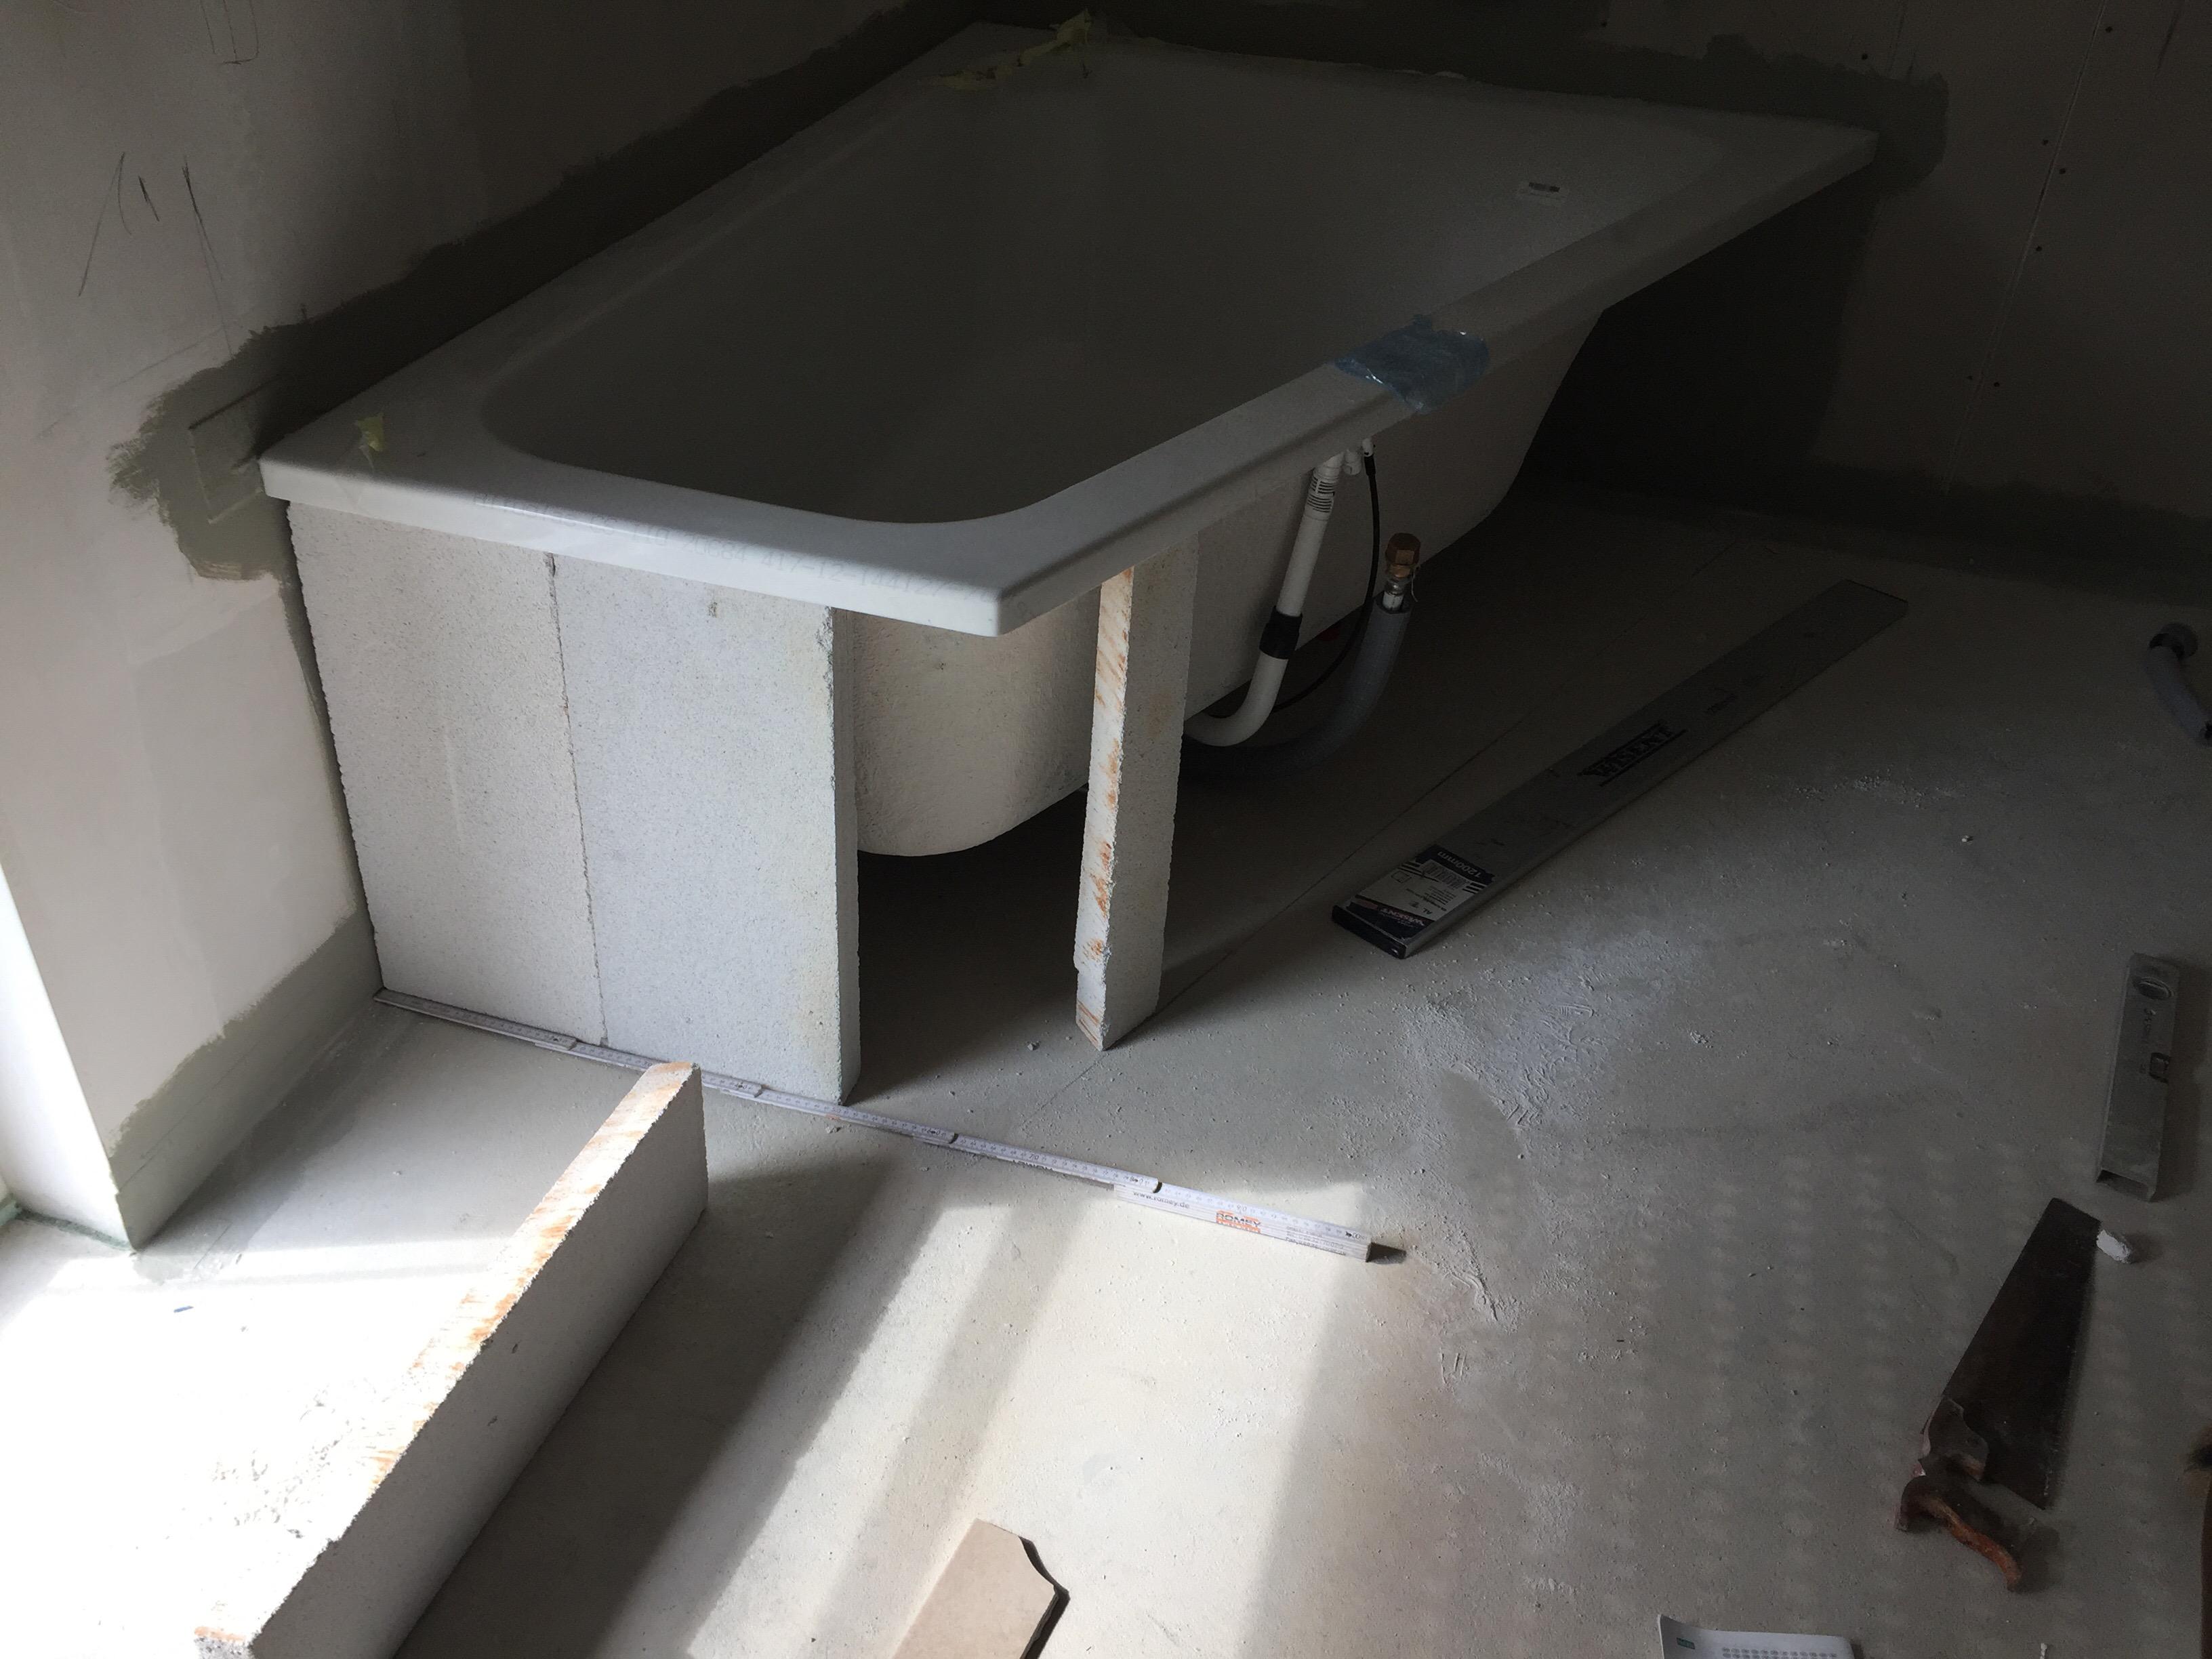 badewanne mauern best with badewanne mauern stunning badewanne einmauern ideen das genial und. Black Bedroom Furniture Sets. Home Design Ideas